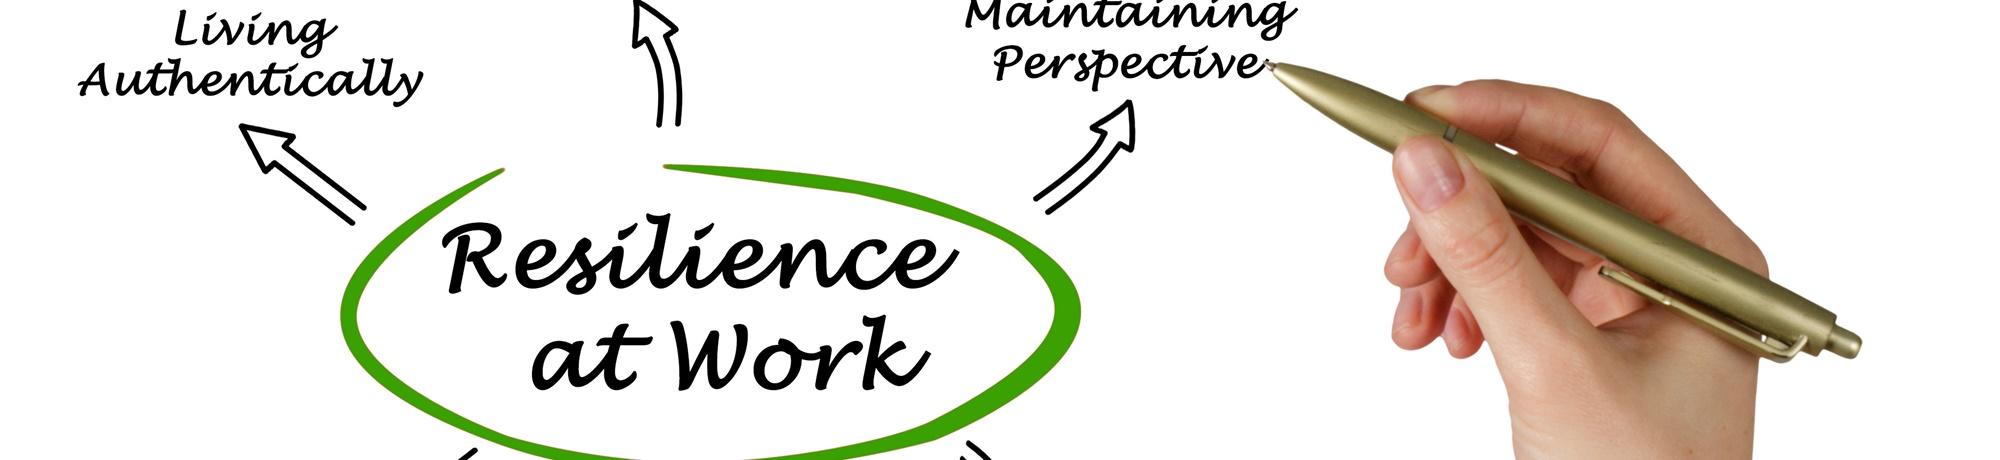 resiliencia-trabalho